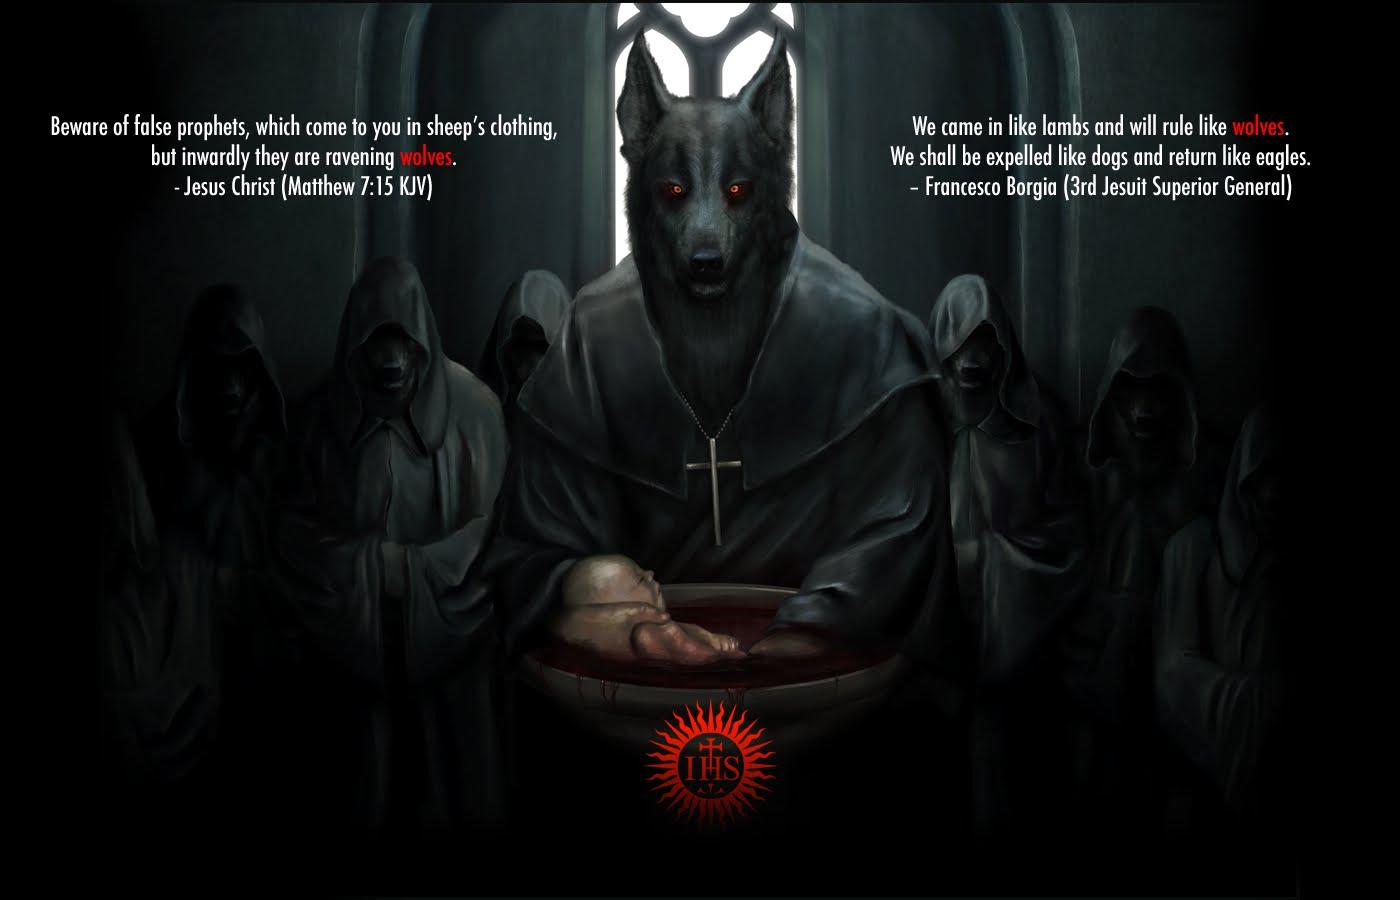 jesuit-oath.jpg